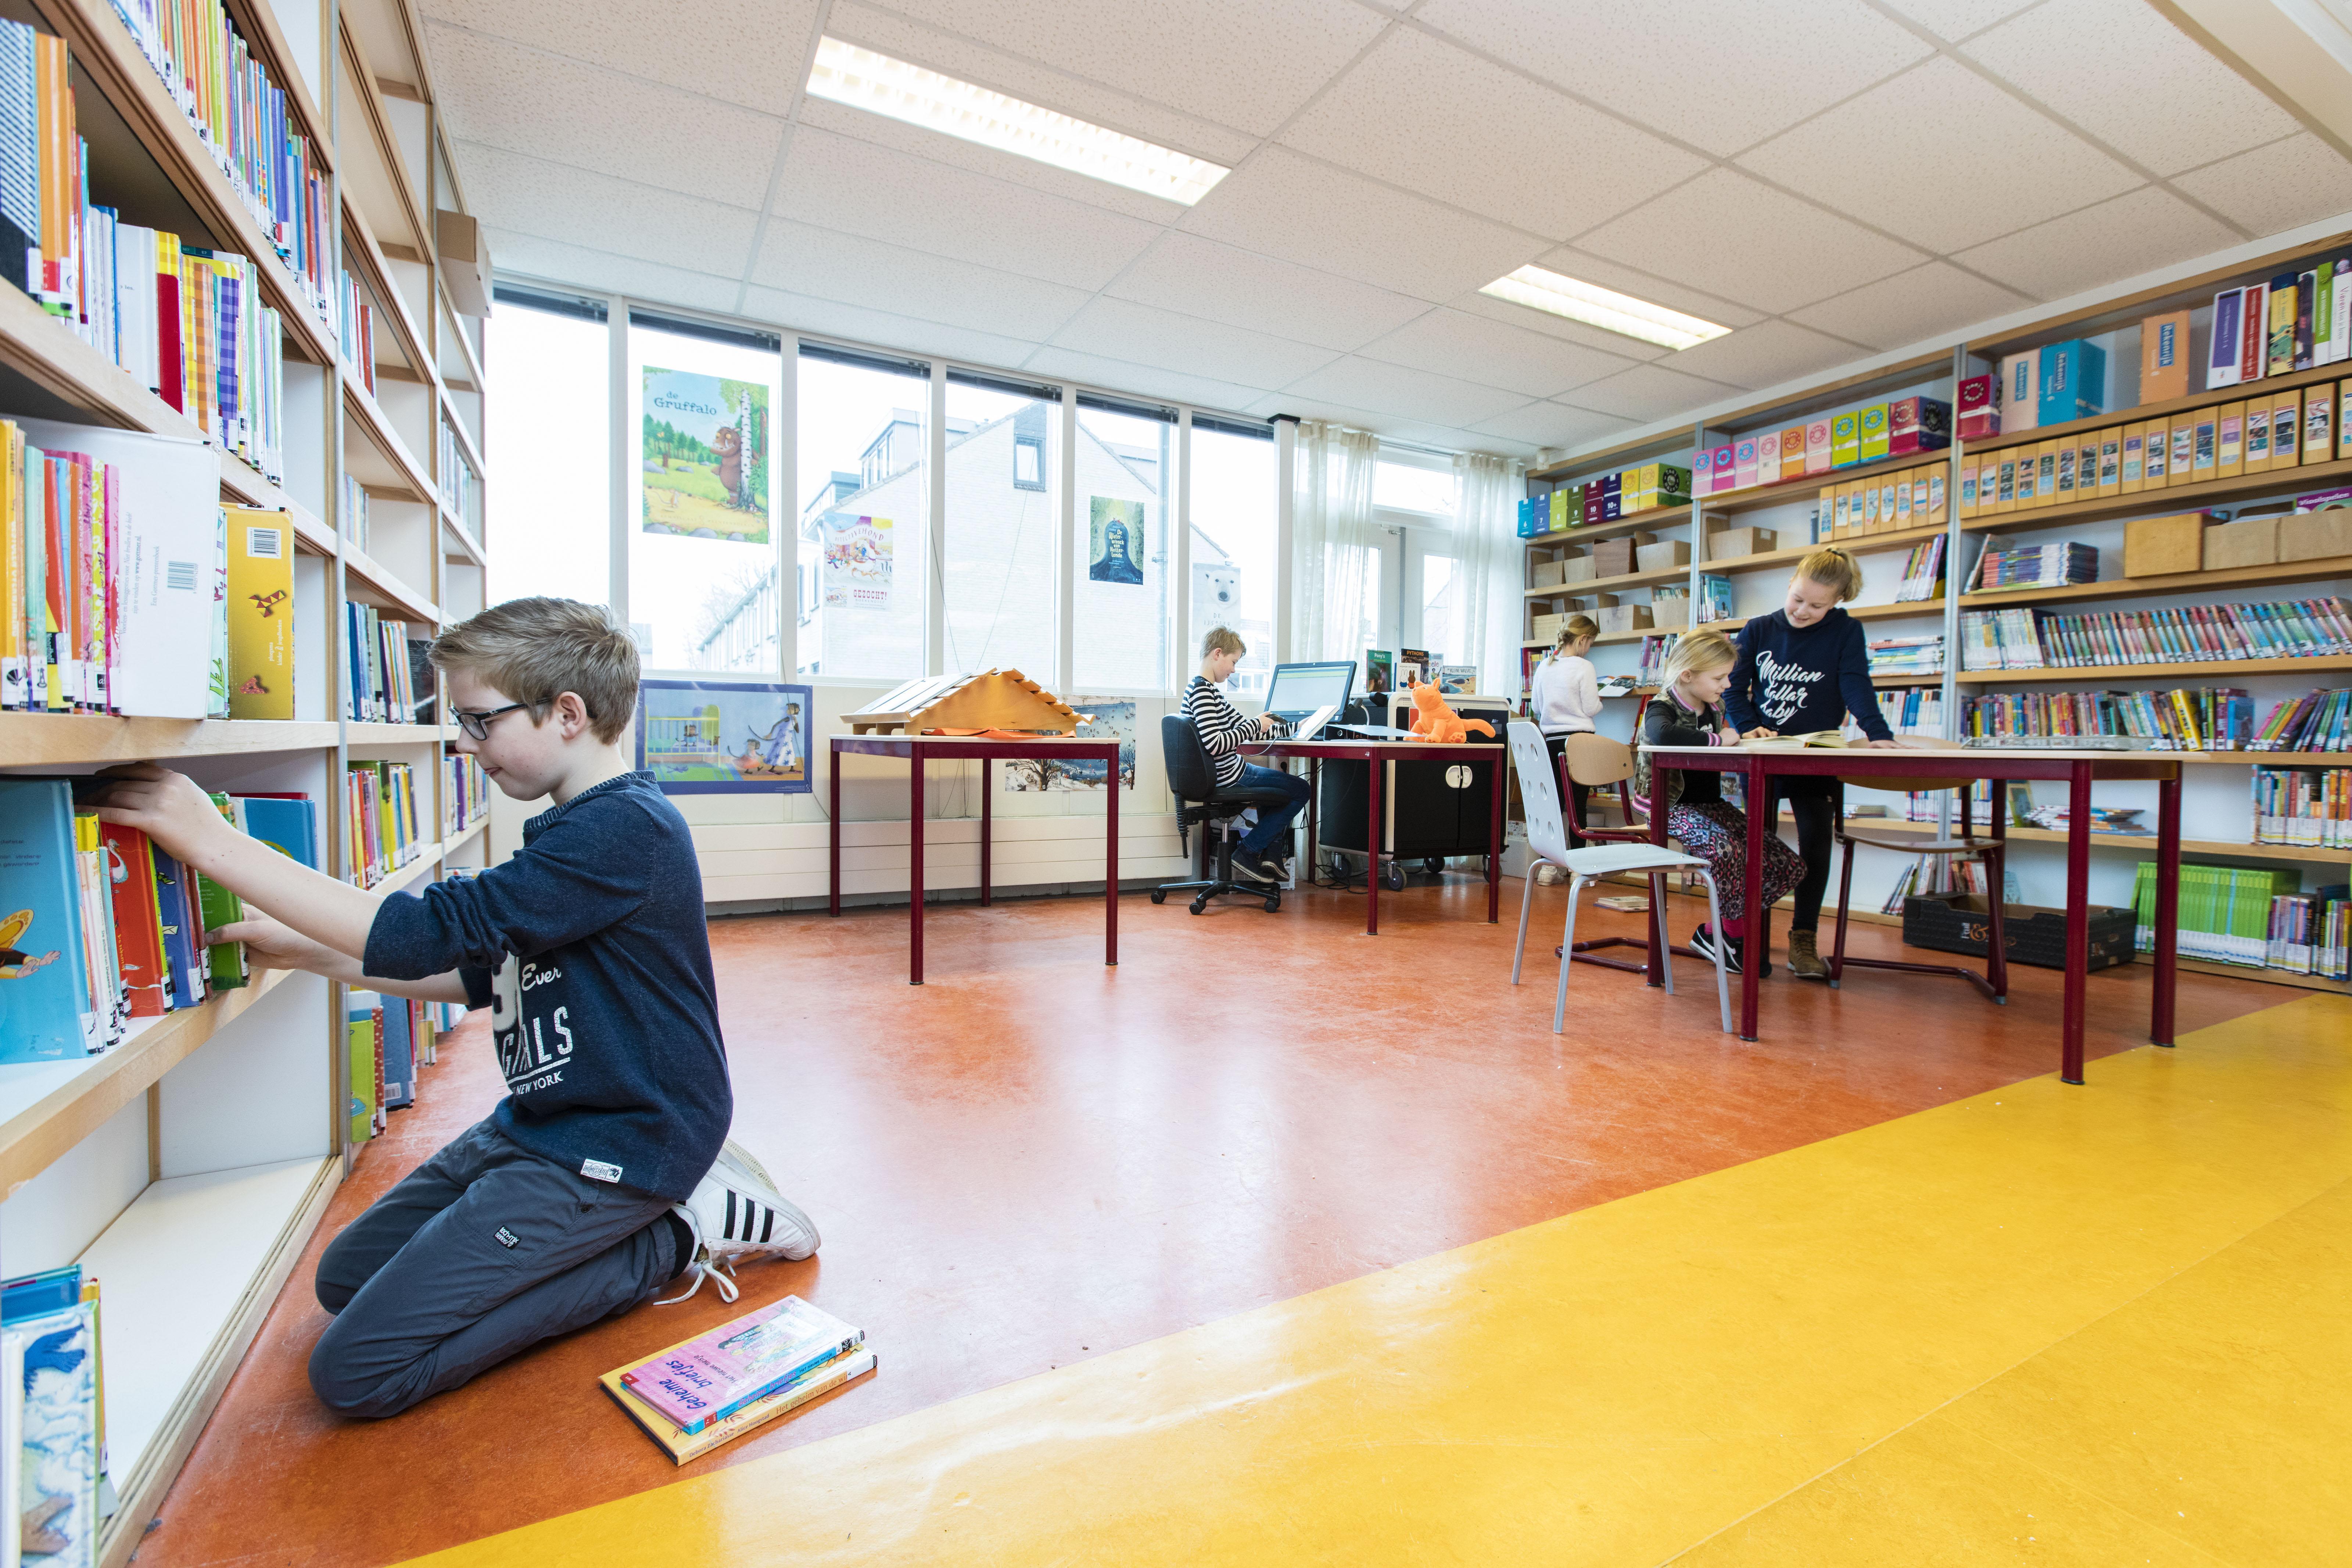 Bibliotheek Rijn en Venen opent vijf afhaalloketten voor boeken